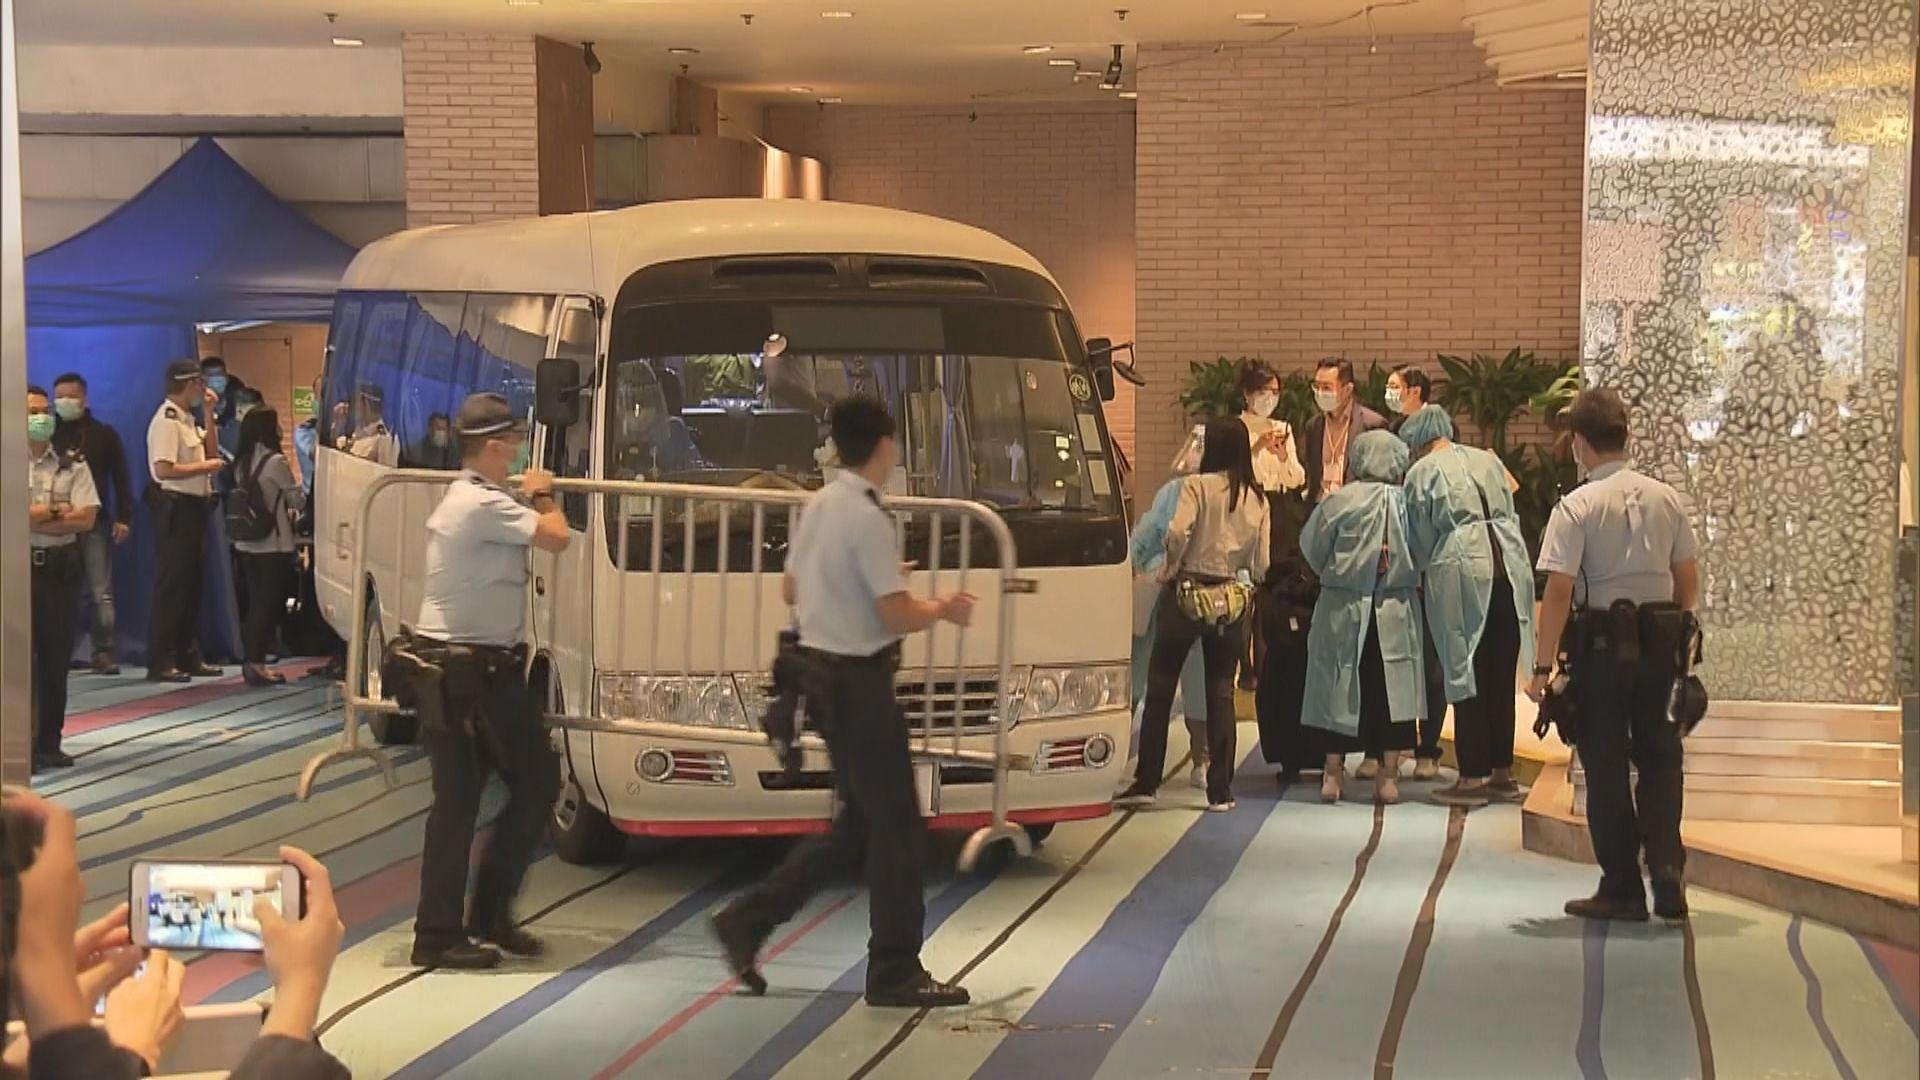 富豪東方酒店開始接收旅客留宿 附近居民表憂慮